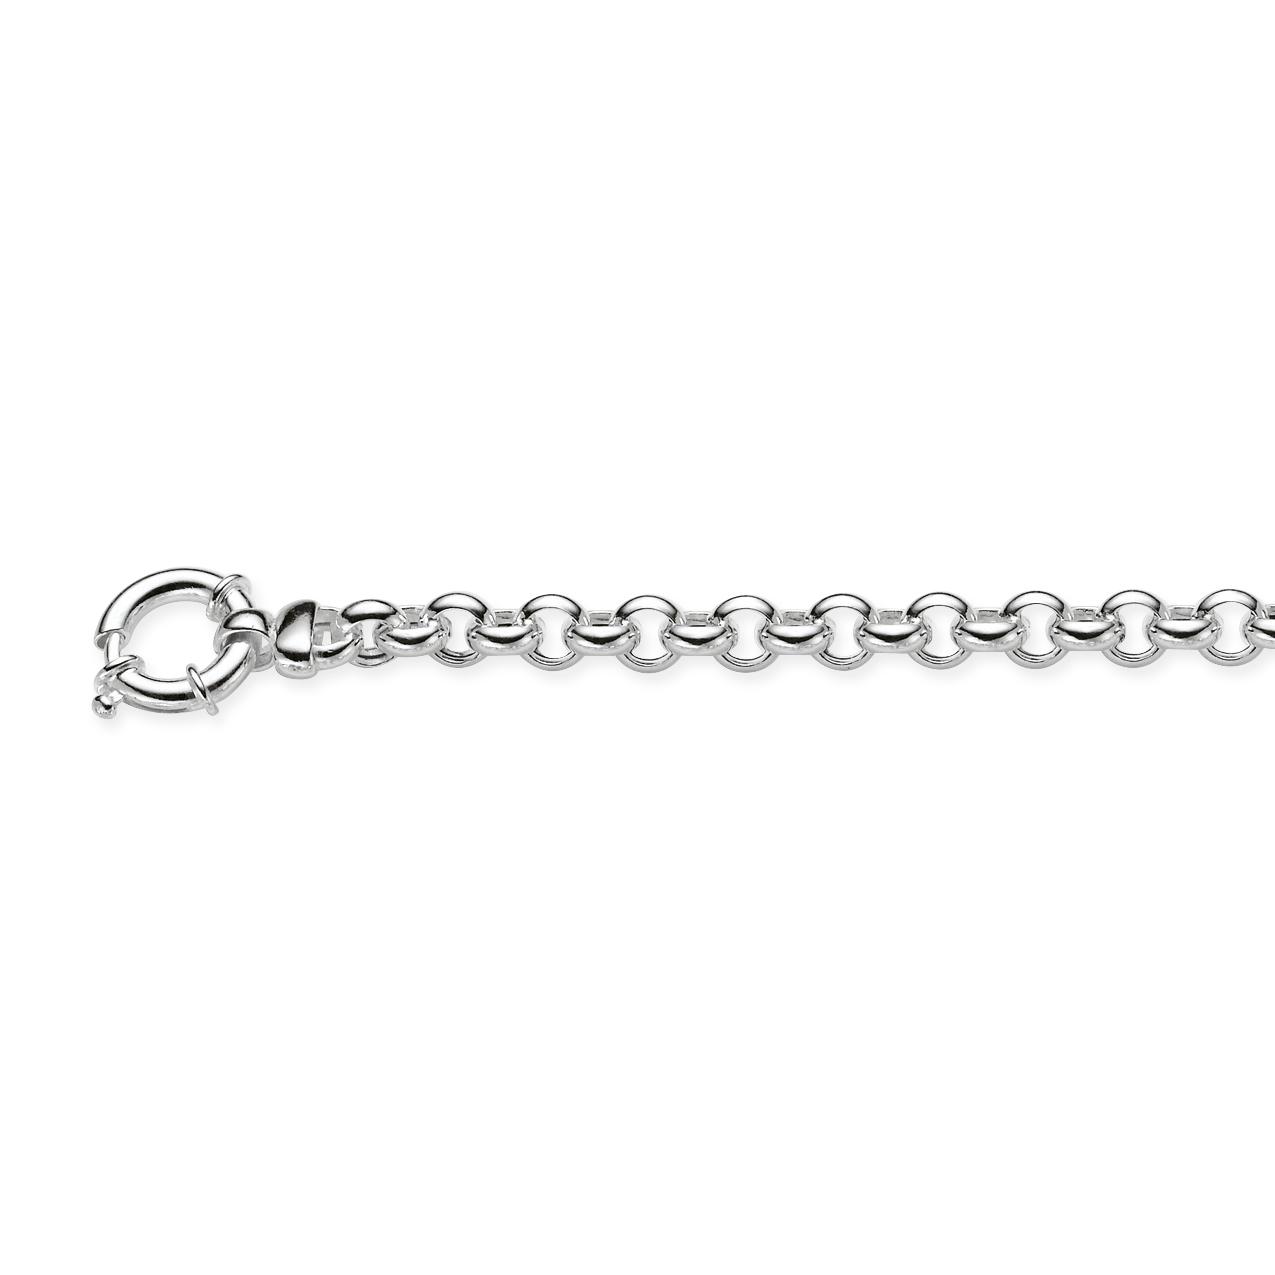 Afbeelding van Best Basics Ketting zilver Jasseronschakel 45 cm x 7 mm 102.0885.45